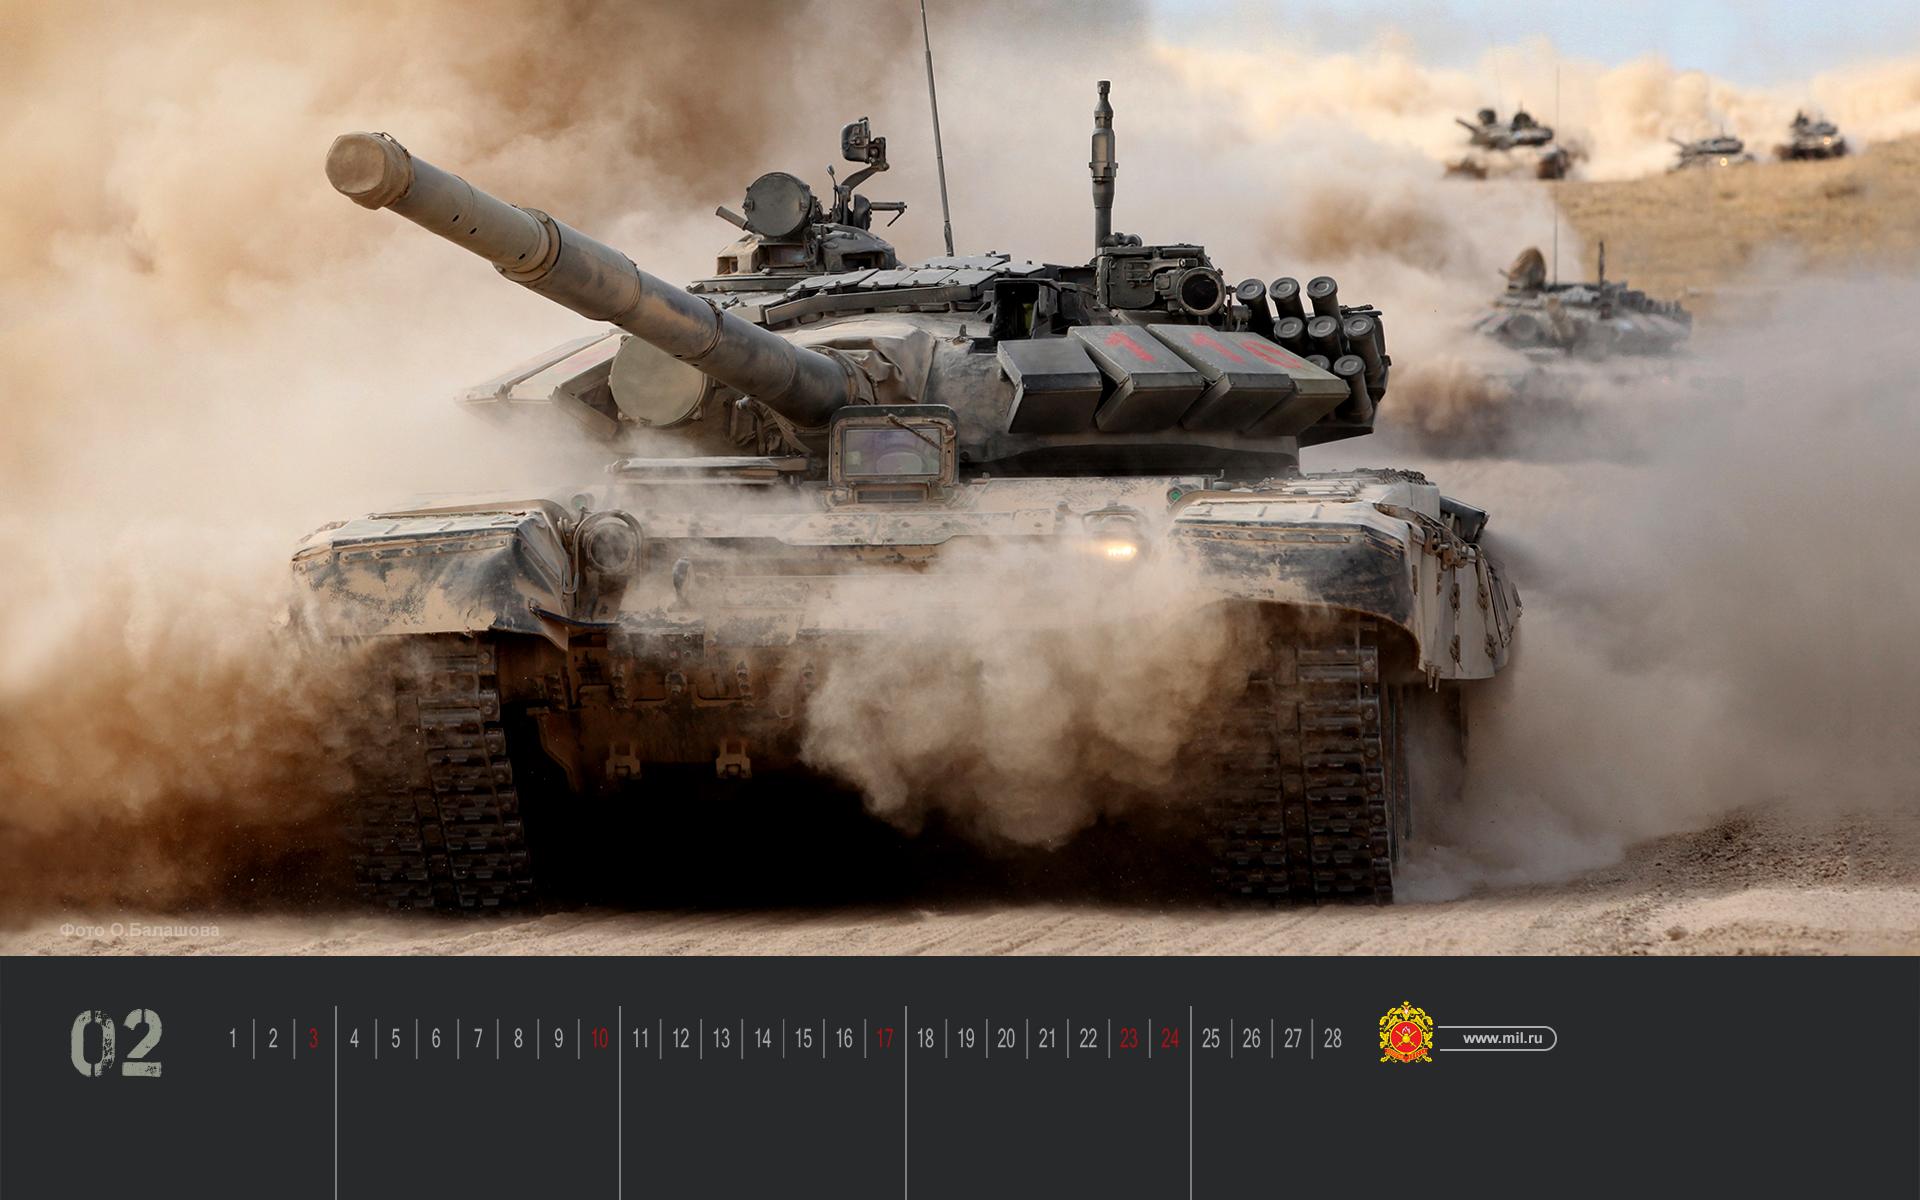 El nuevo ejército ruso... - Página 2 0_86dd3_b28dc1f5_orig